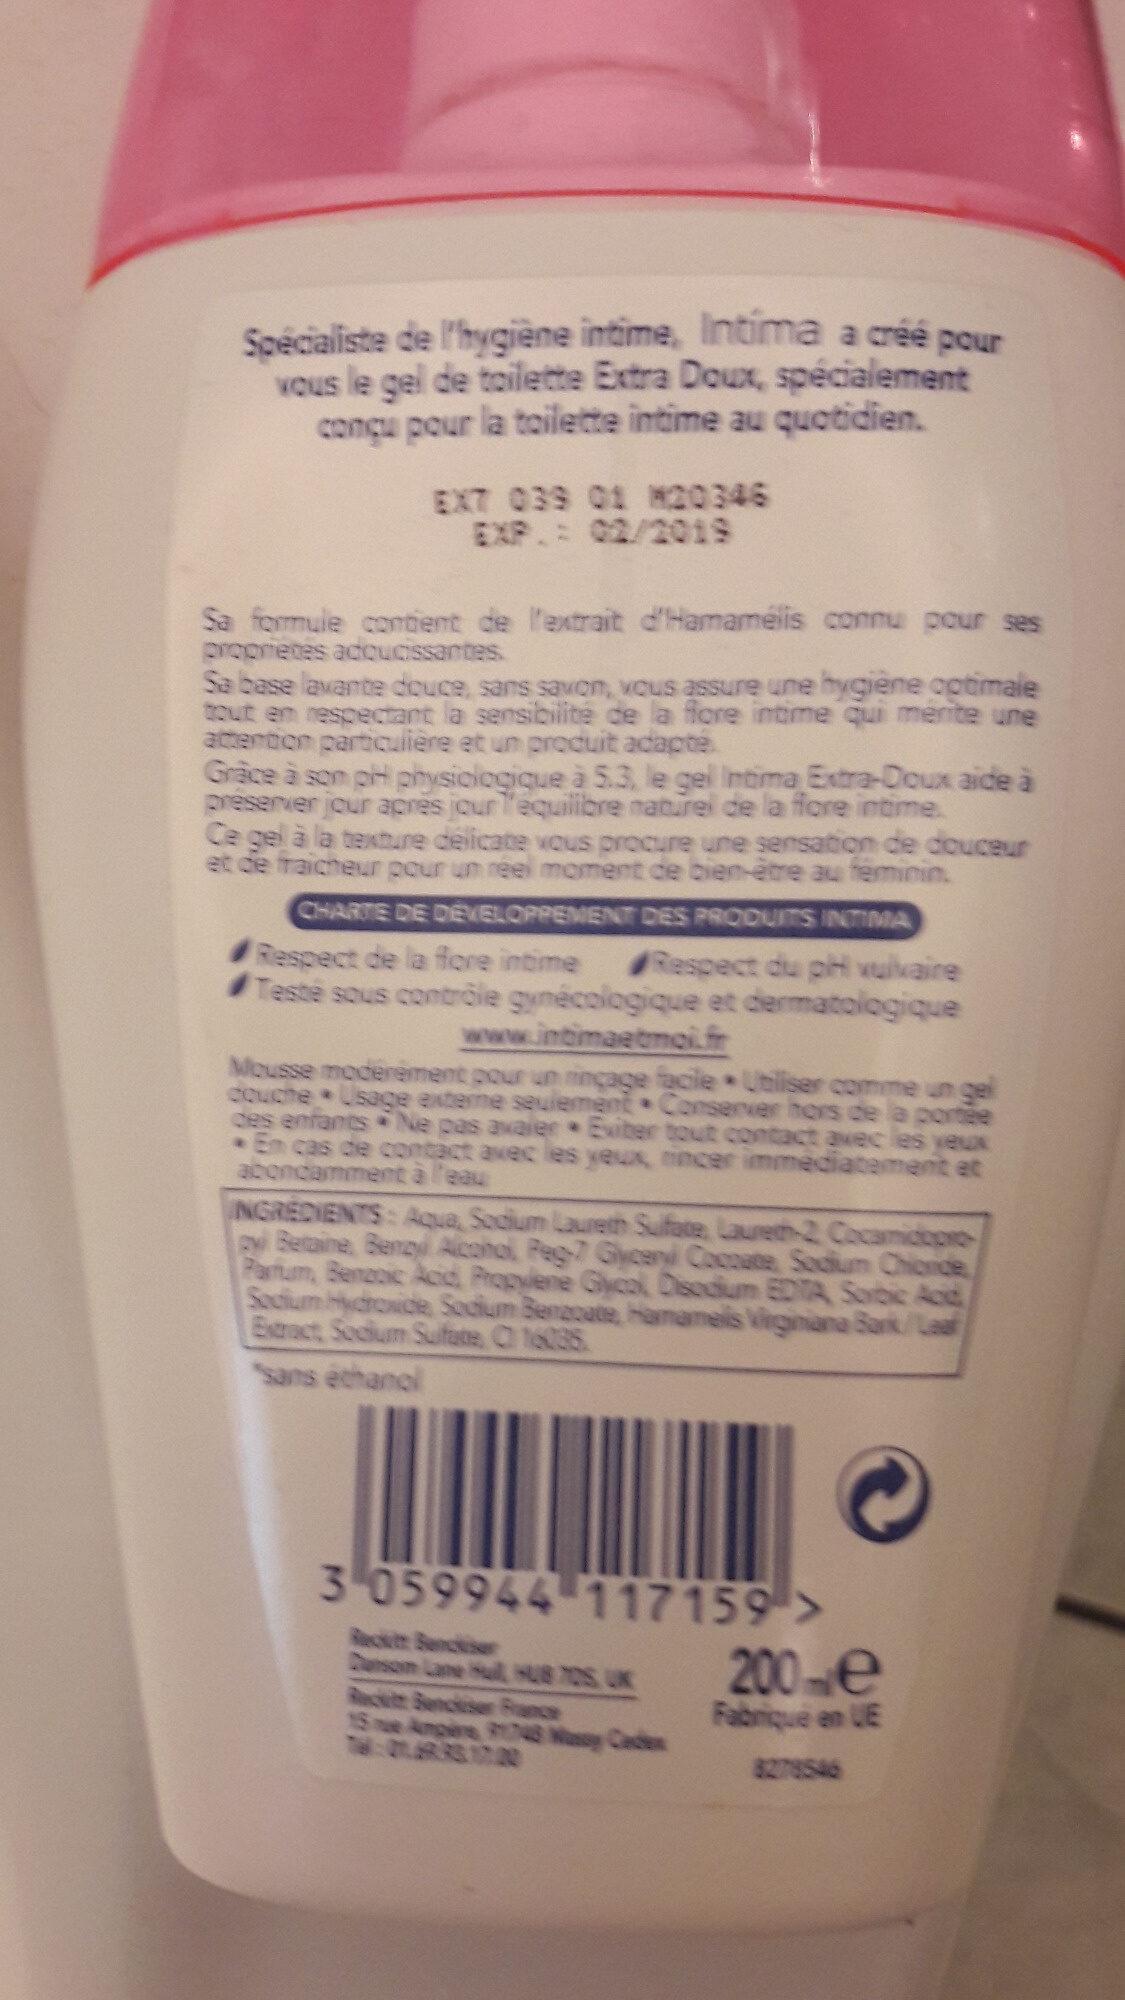 Gel Extra Doux de Toilette Intime à l'extrait d'hamamélis - Product